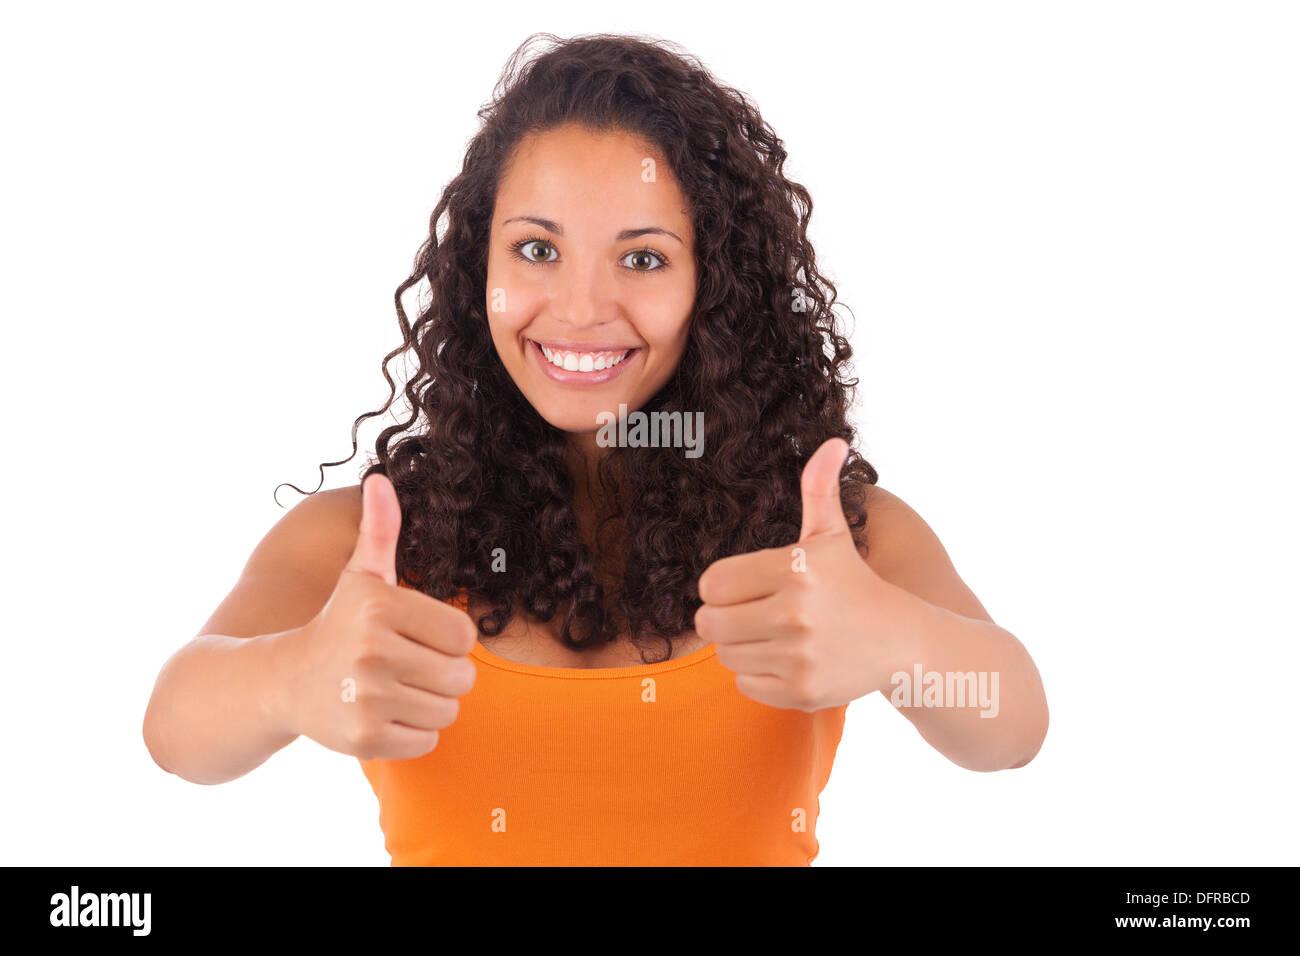 Retrato de mujer joven mostrando Pulgar arriba signo aislado Imagen De Stock